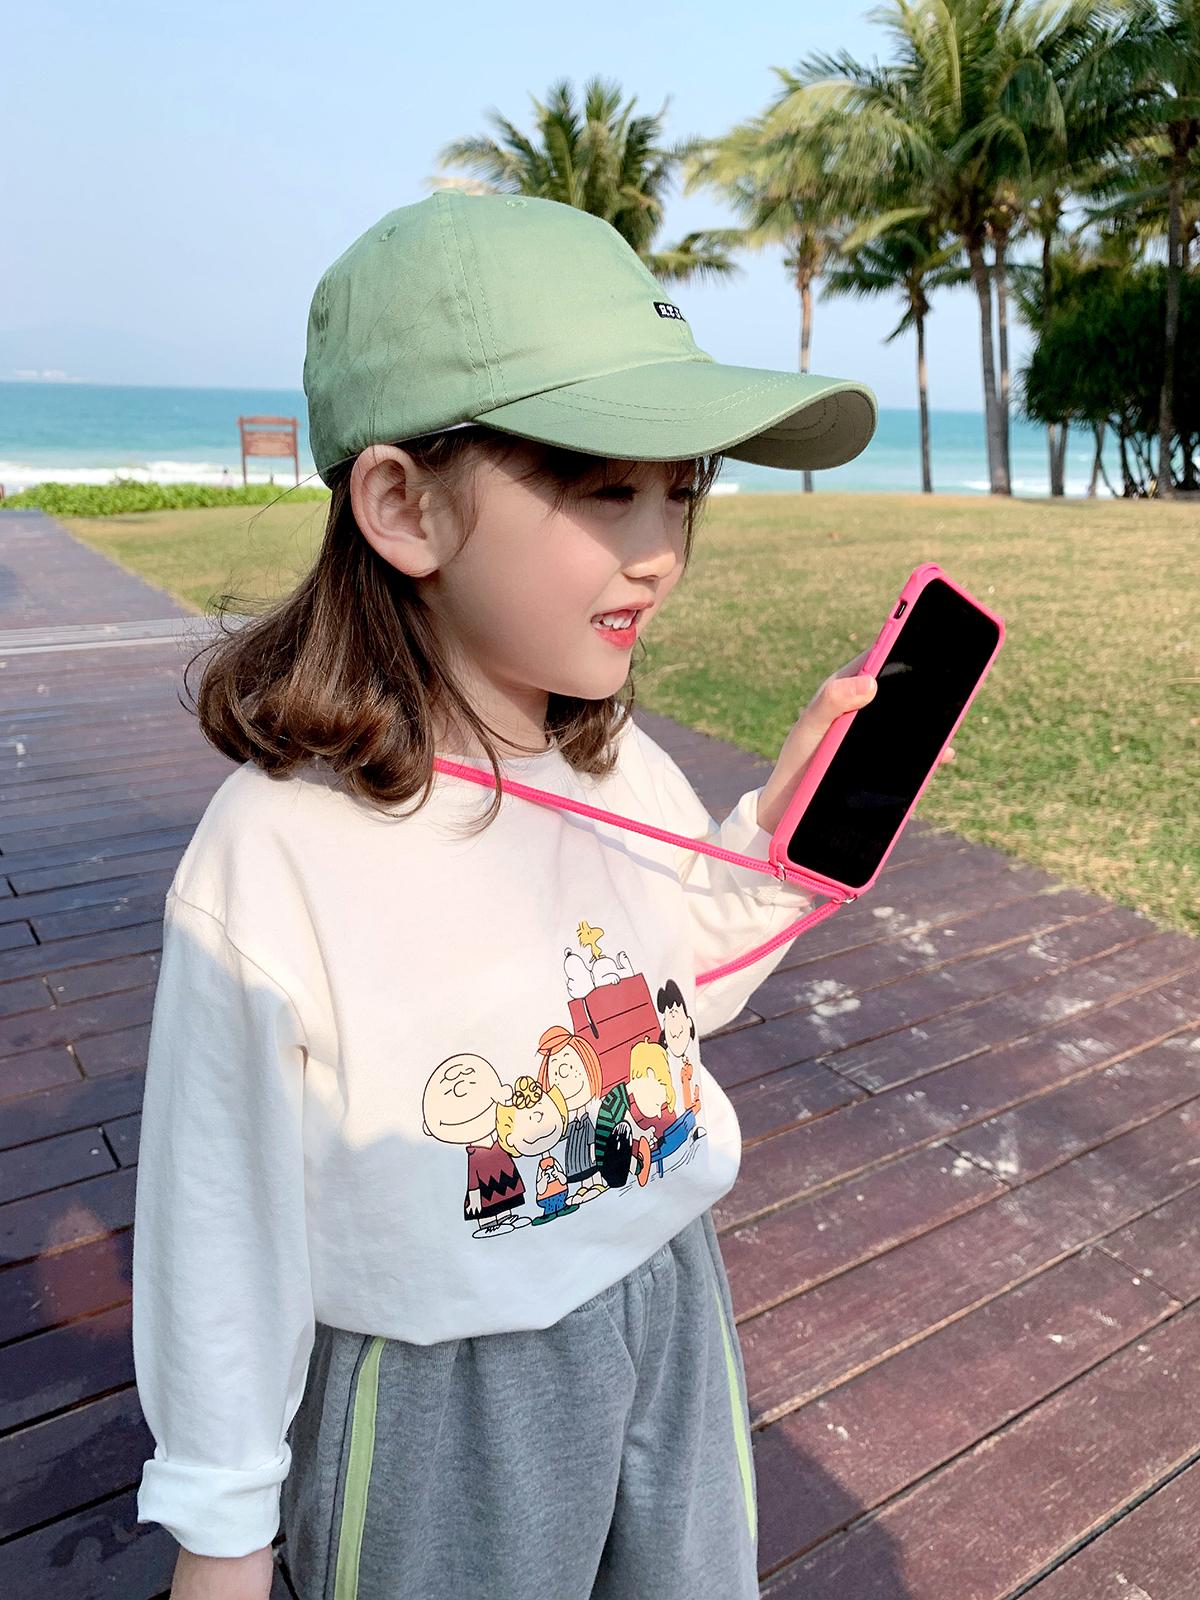 儿童T恤2021春装新款童装宝宝洋气字母长袖女童休闲打底衫体恤潮